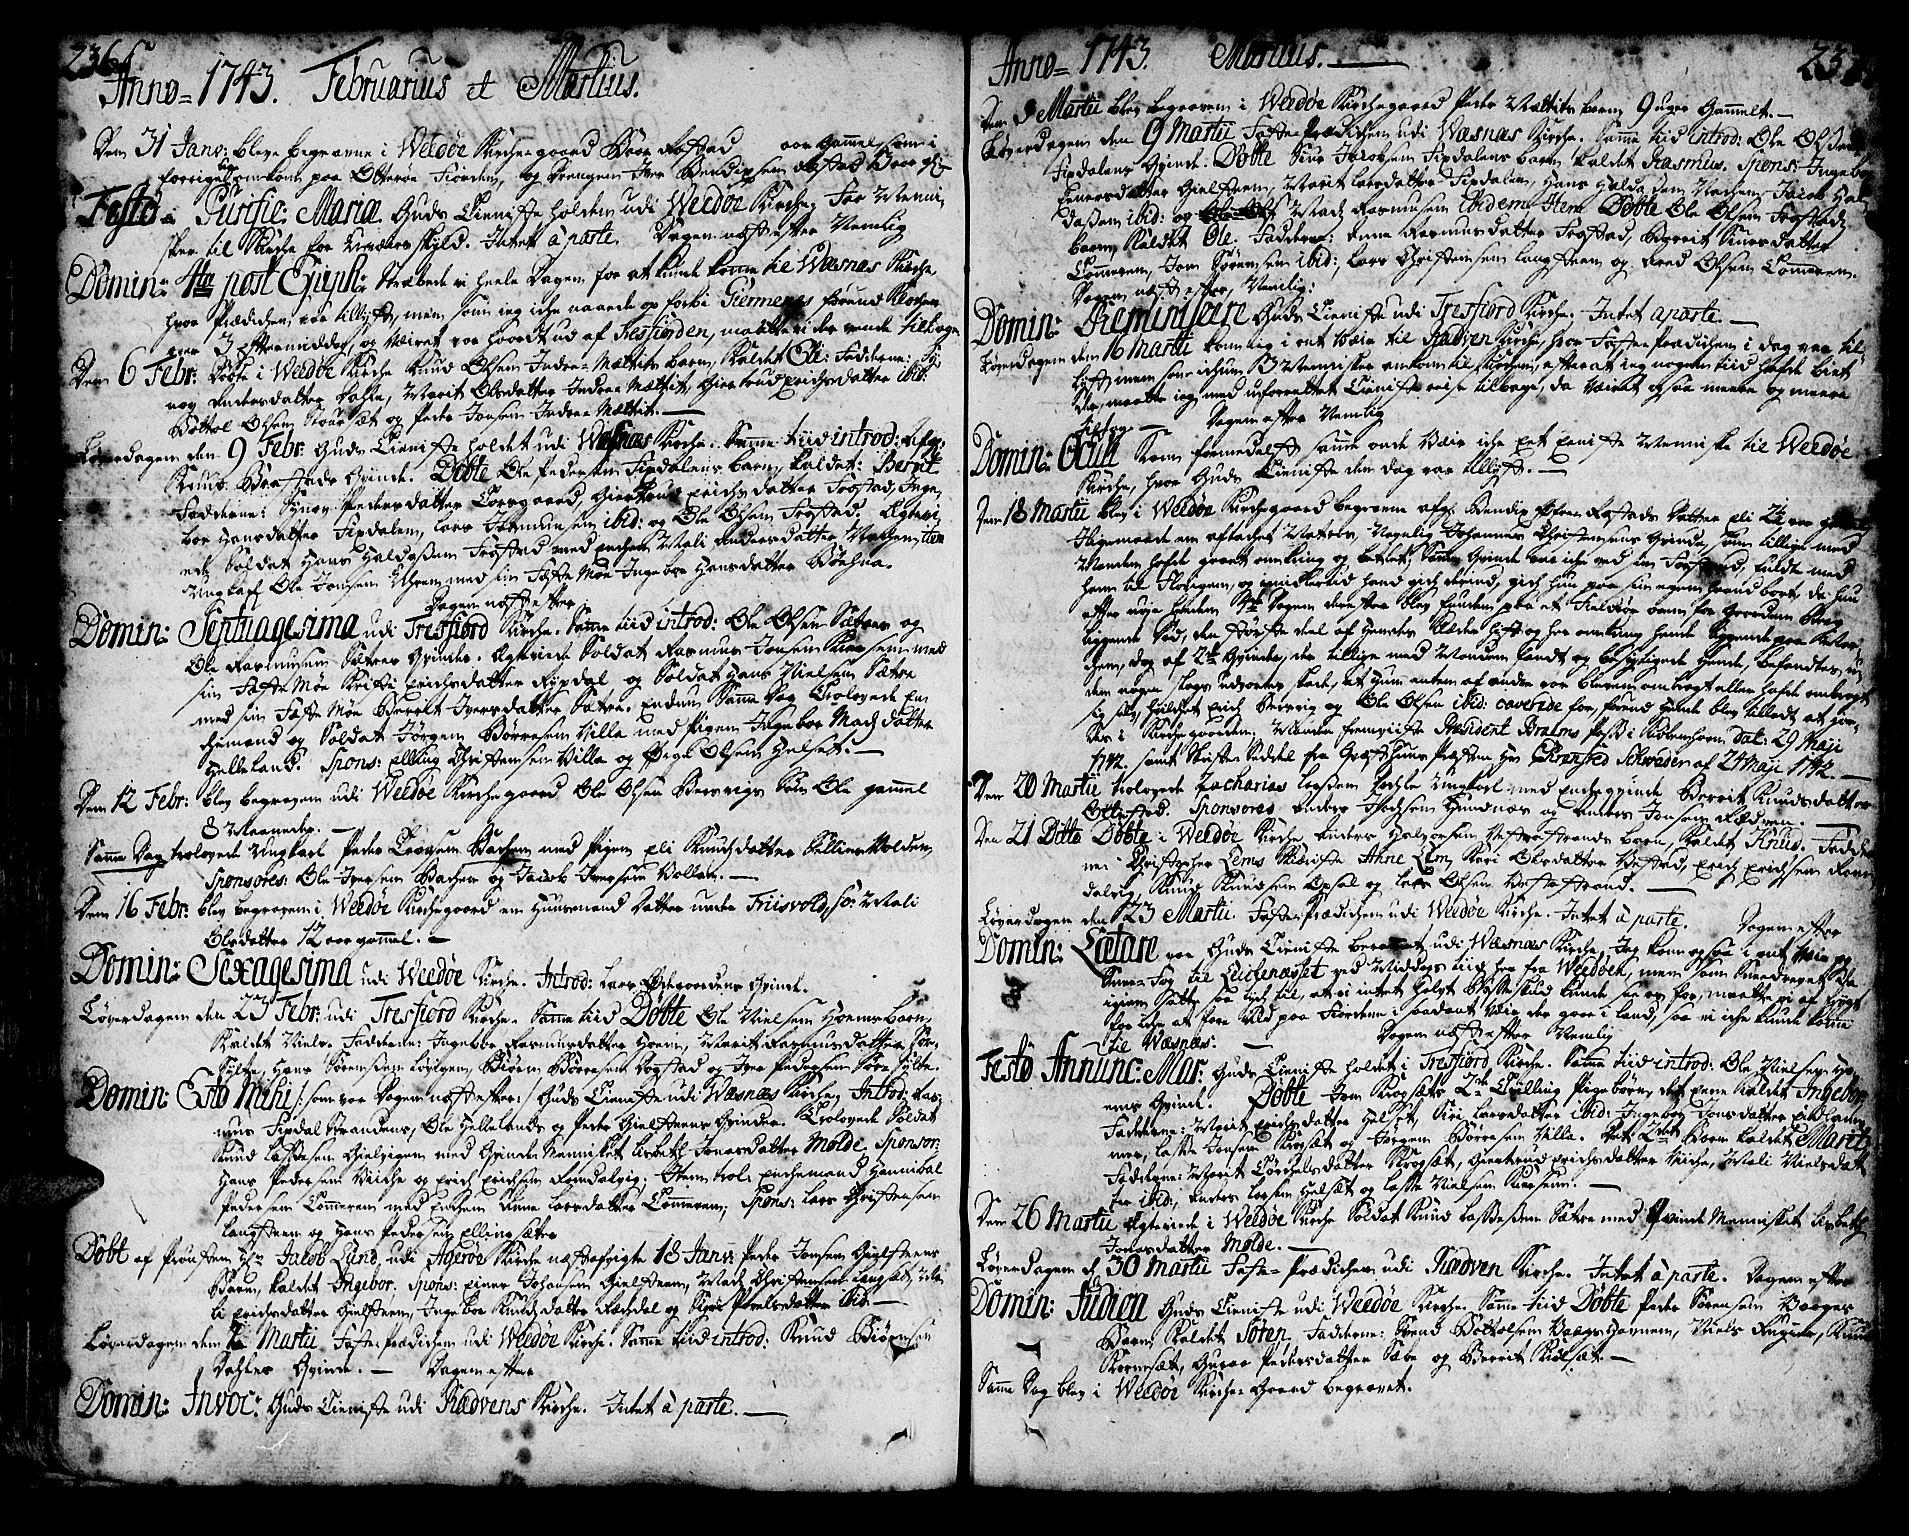 SAT, Ministerialprotokoller, klokkerbøker og fødselsregistre - Møre og Romsdal, 547/L0599: Ministerialbok nr. 547A01, 1721-1764, s. 236-237